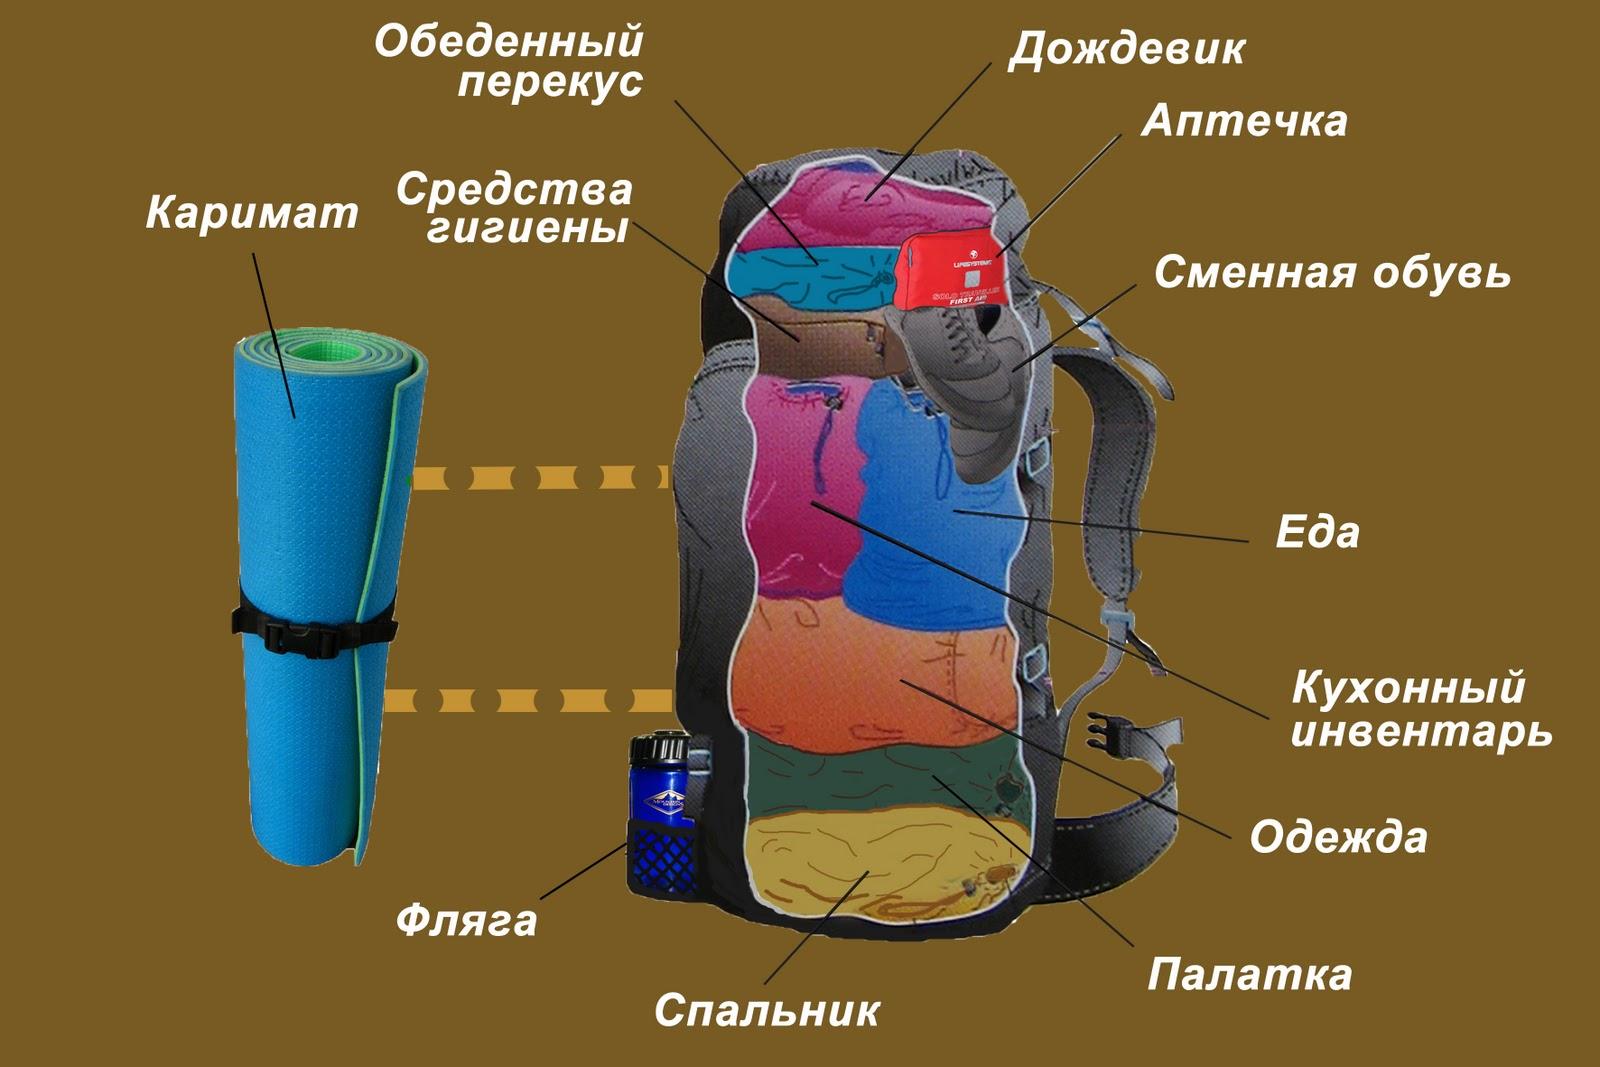 Рюкзаки поход рюкзак саломон скидки